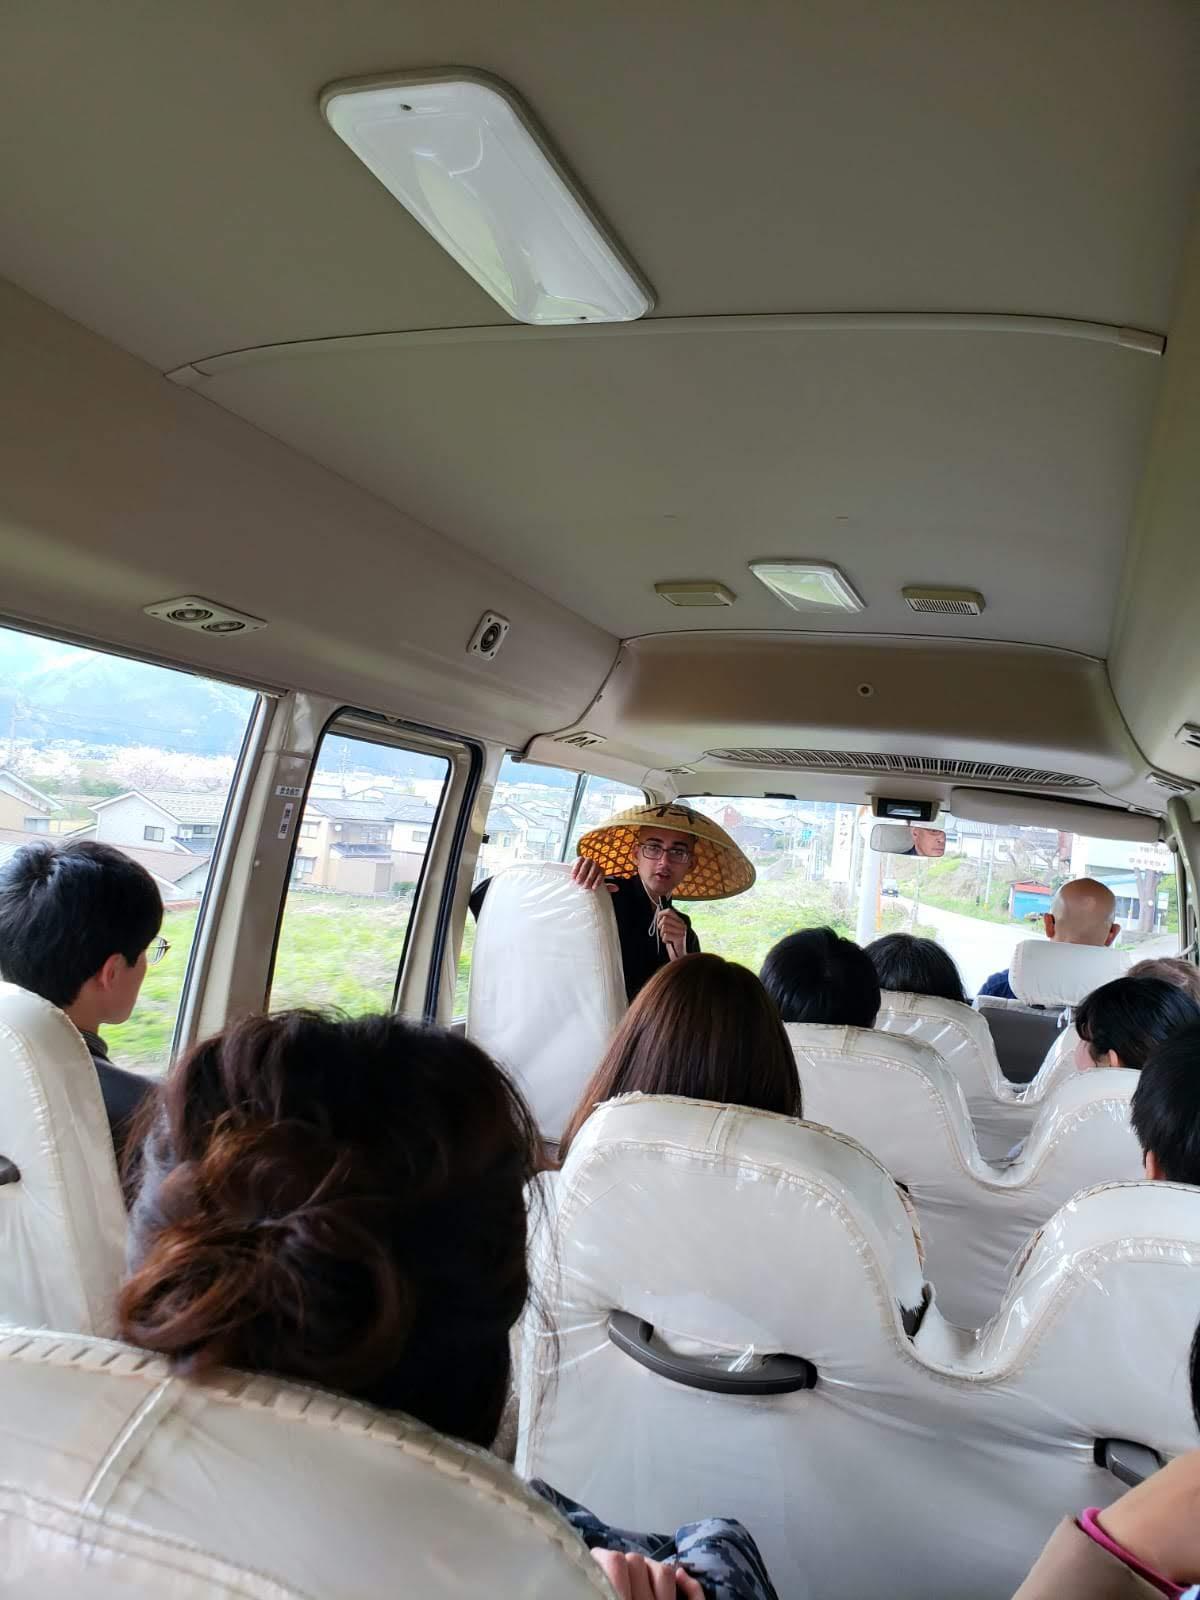 バスの中での会話 / Conversation within the bus